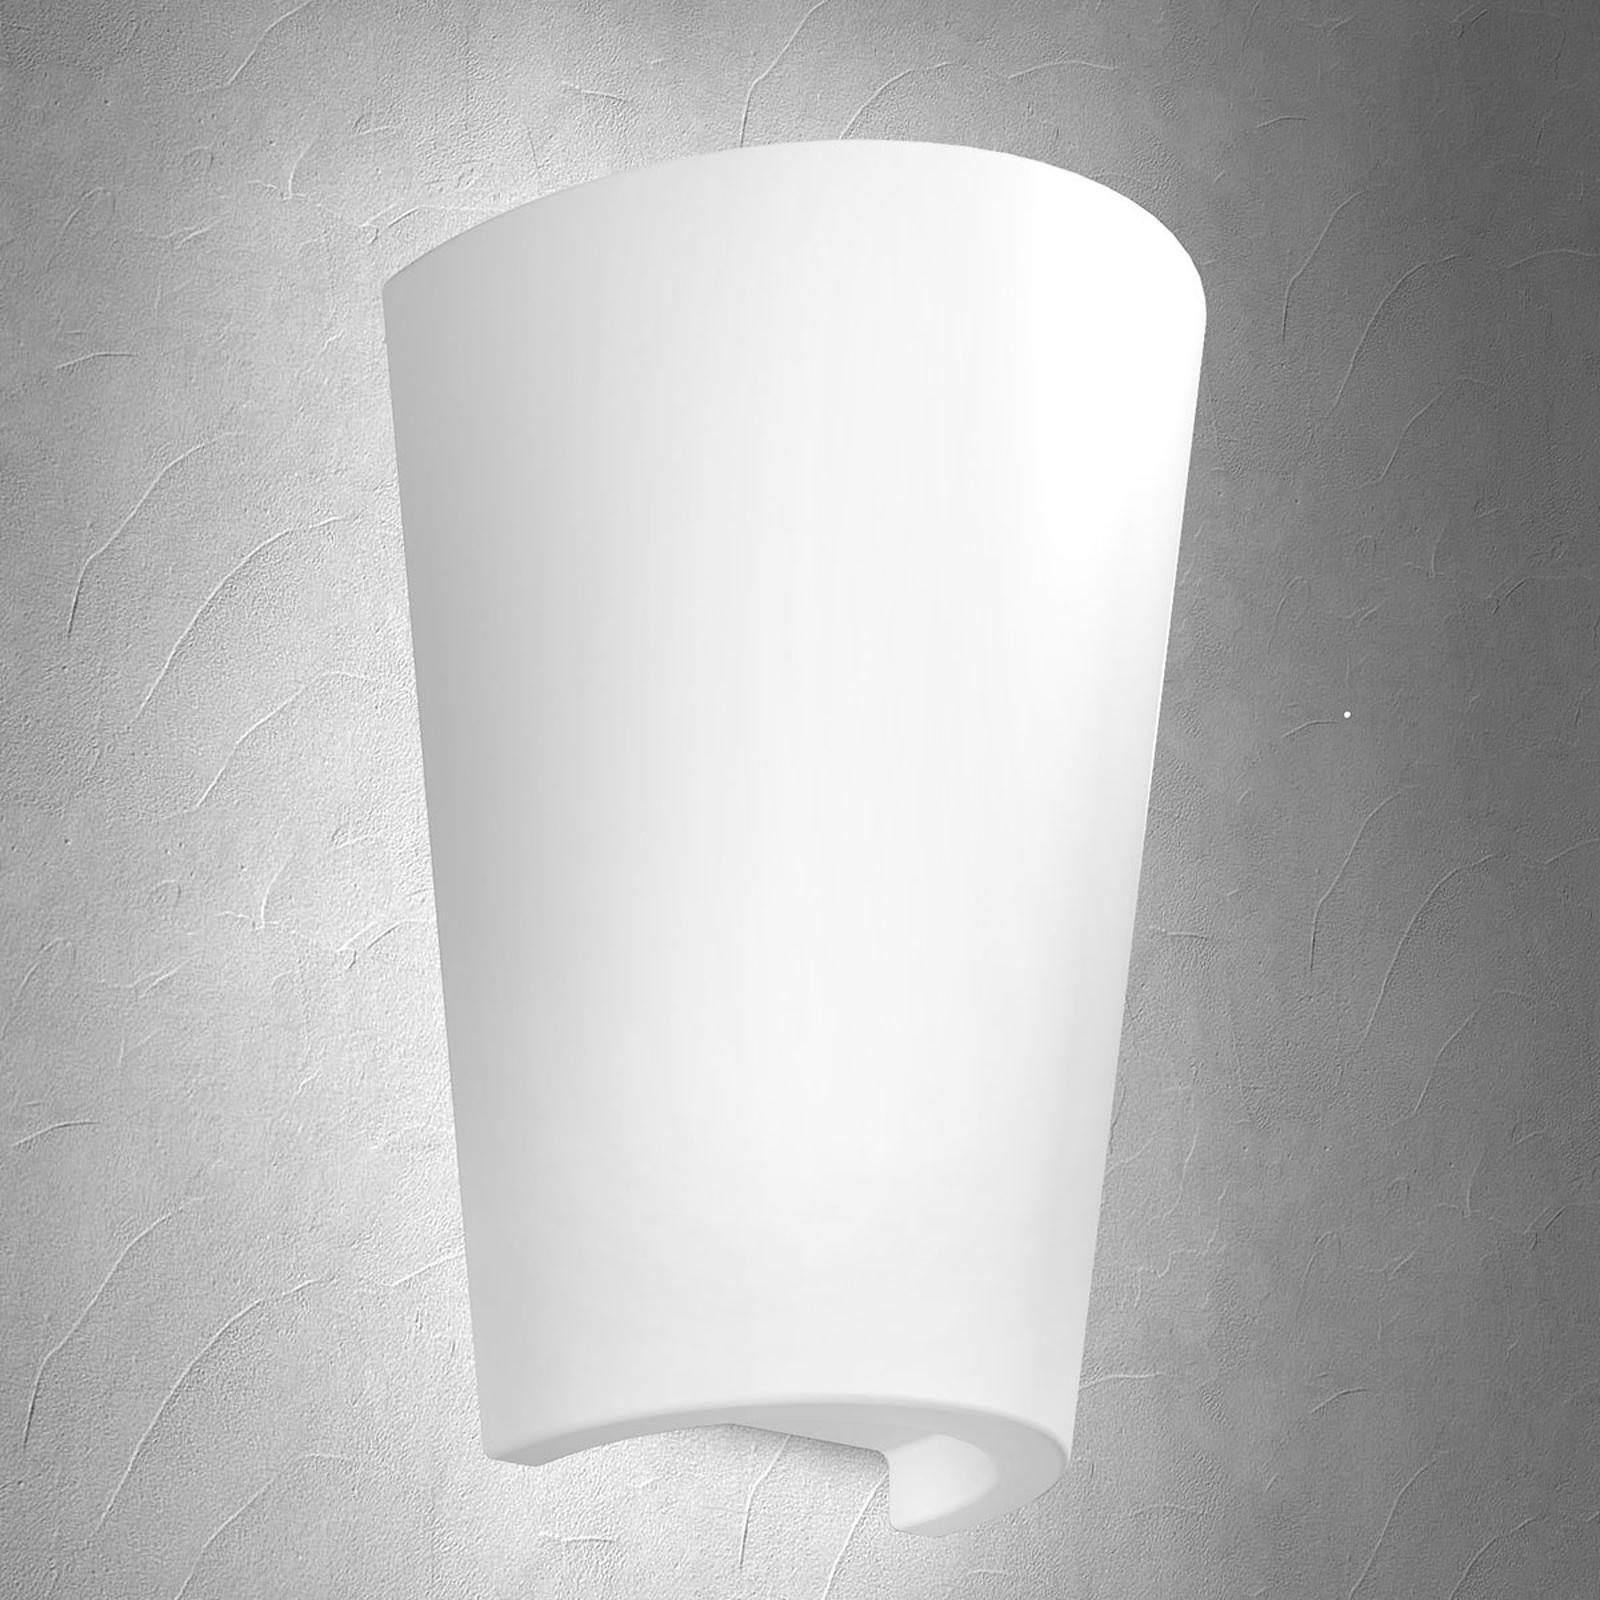 Buitenwandlamp Teja - een lichtgevende plantenbak